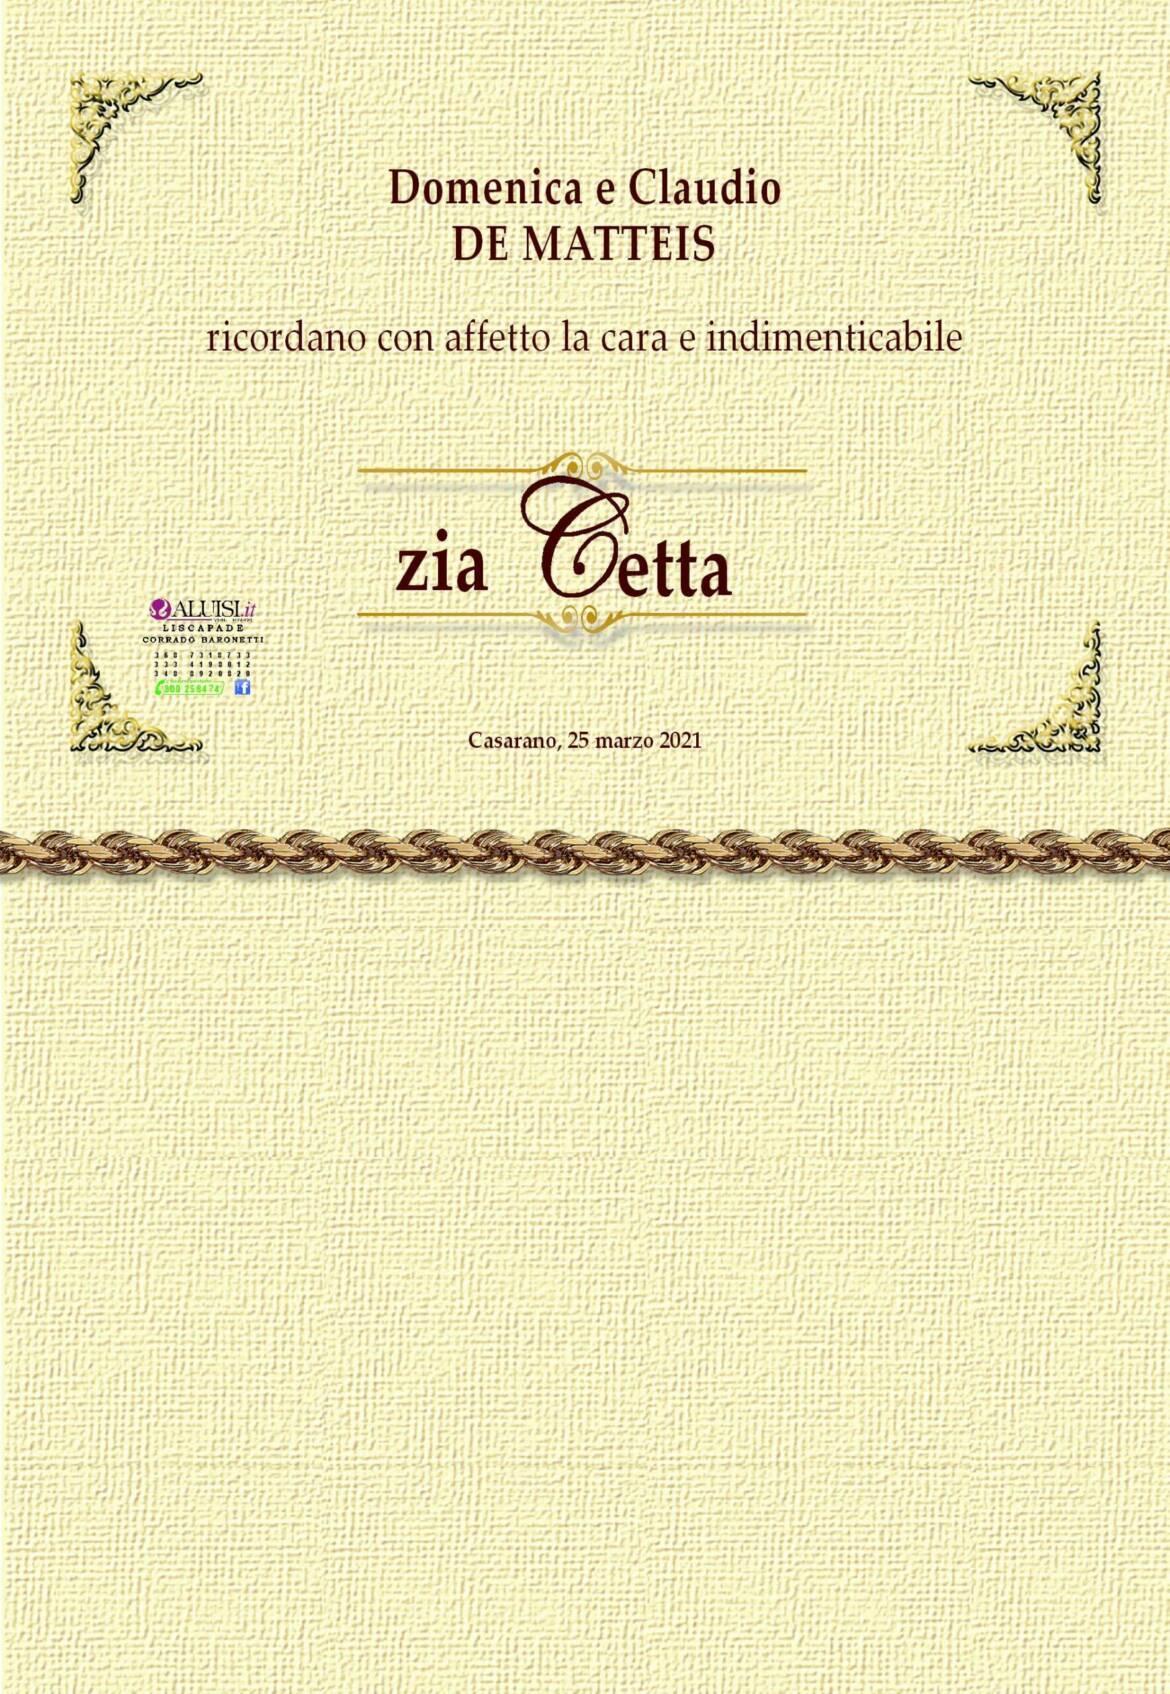 PARTECIPAZIONI-LUCIA-CASARANO3-scaled.jpg